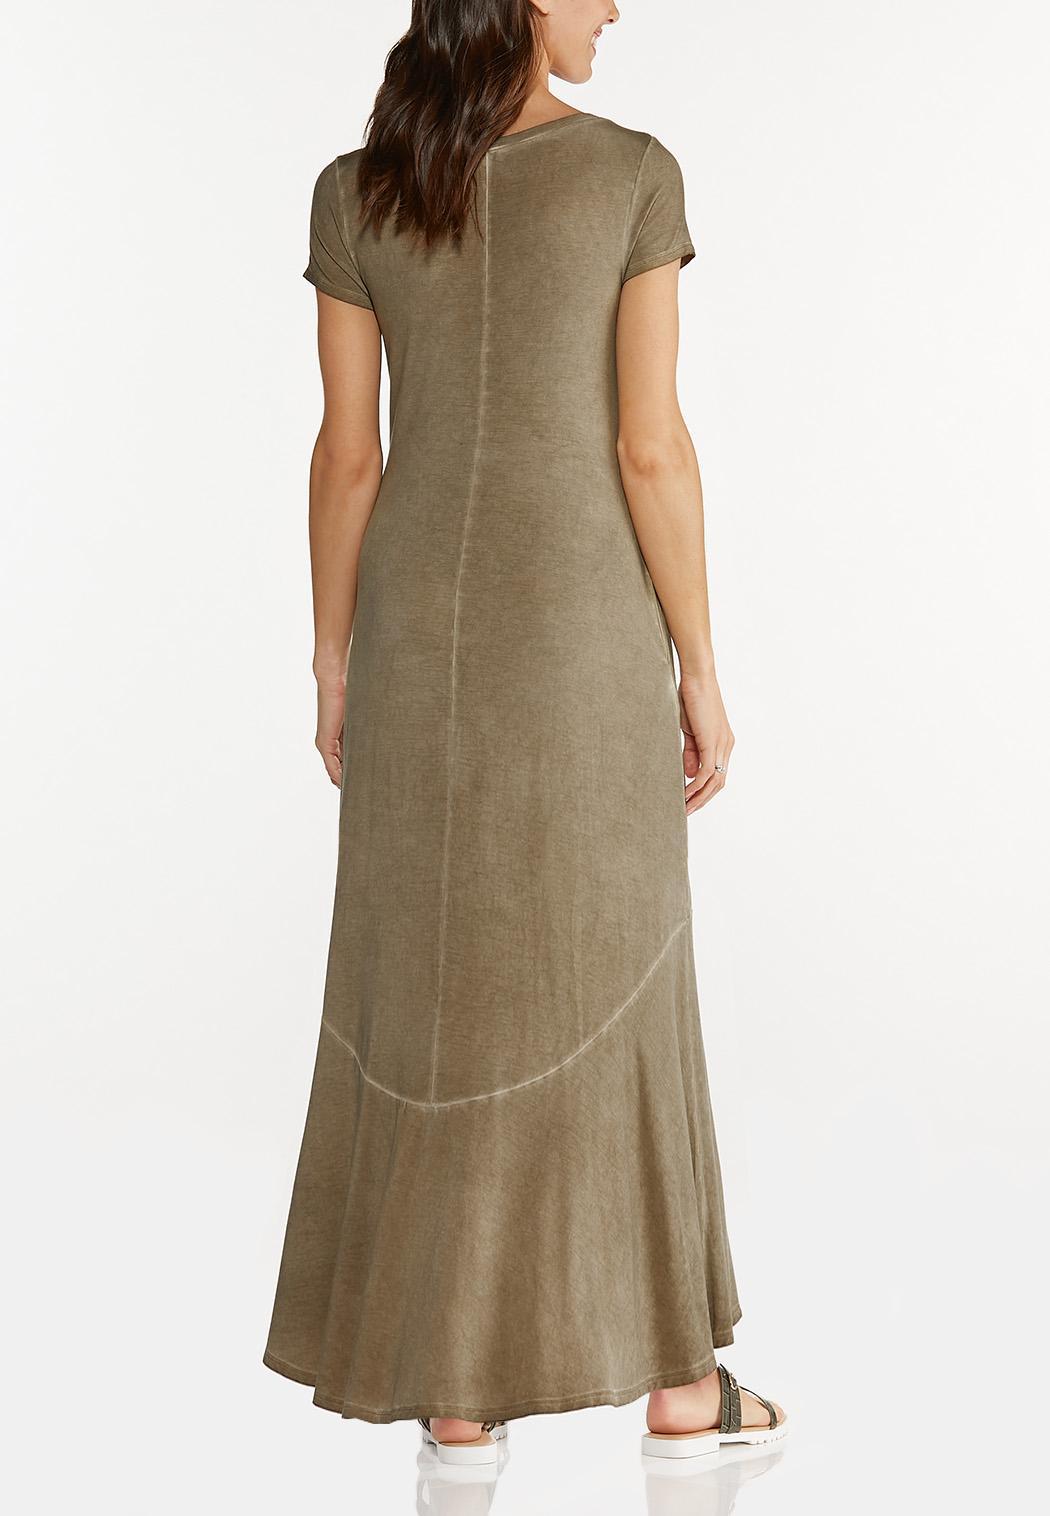 Ruffled Tee Maxi Dress (Item #44569235)